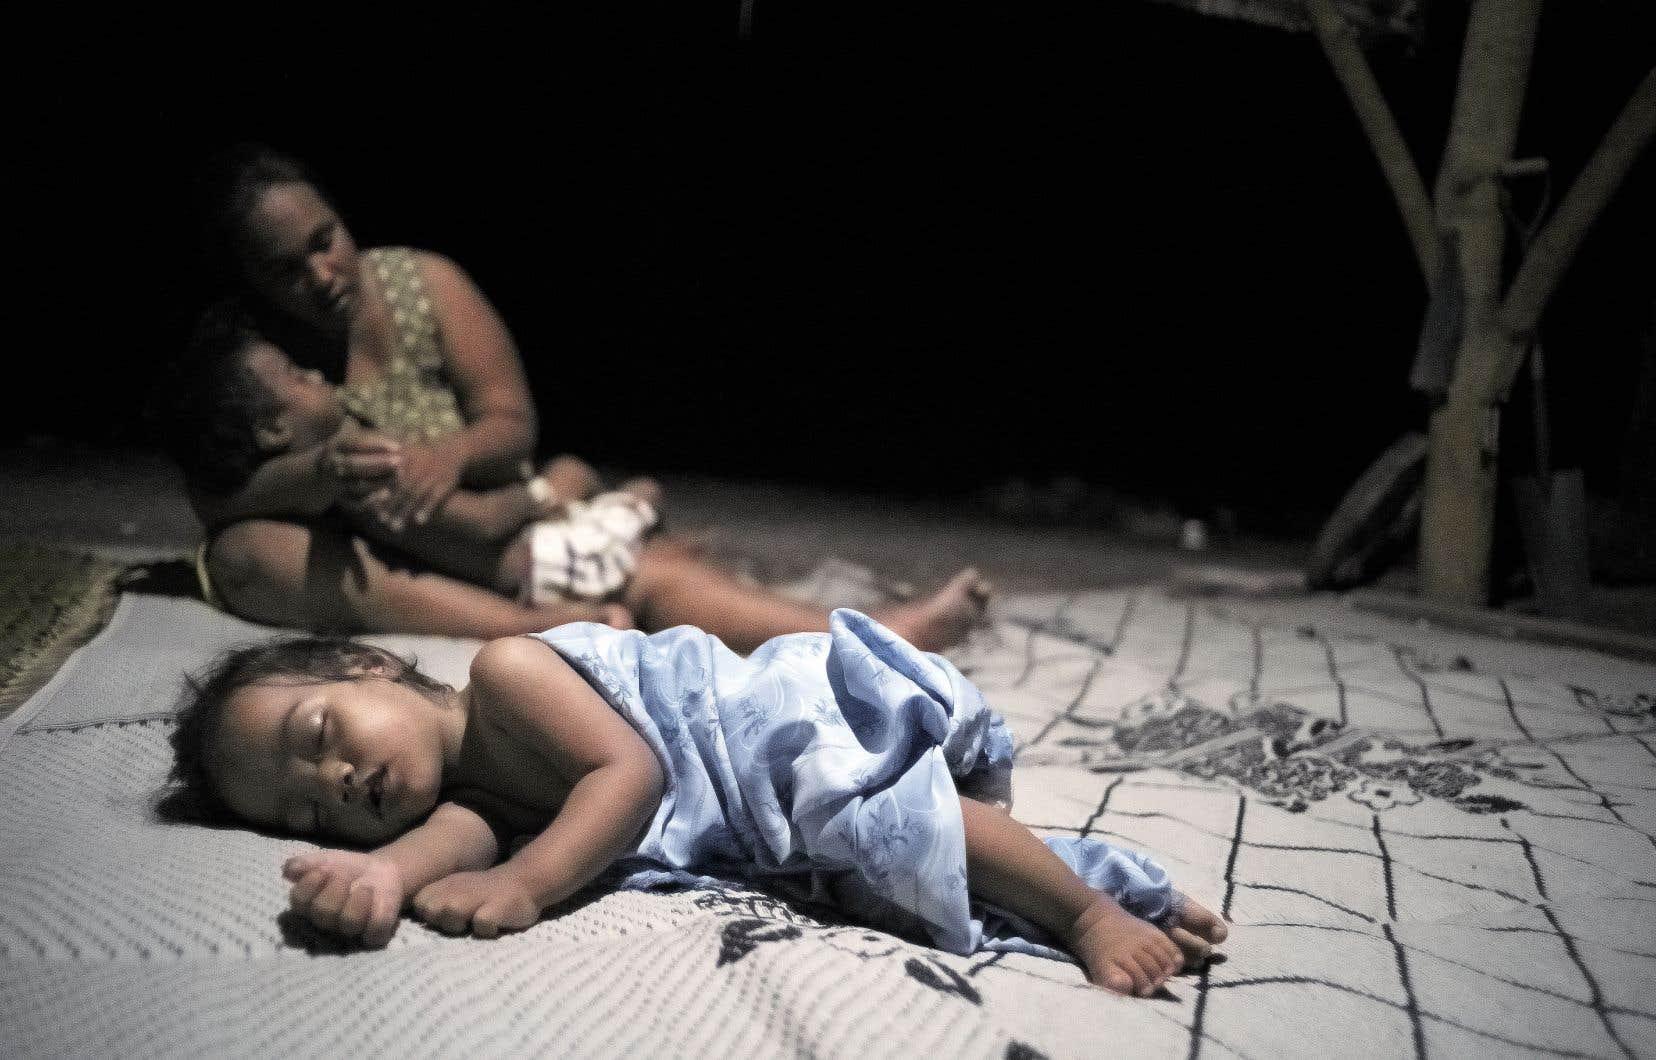 Les premières victimes des bouleversements climatiques sont souvent les plus pauvres. C'est pourquoi on suit le parcours de Sermary, mère de six enfants.